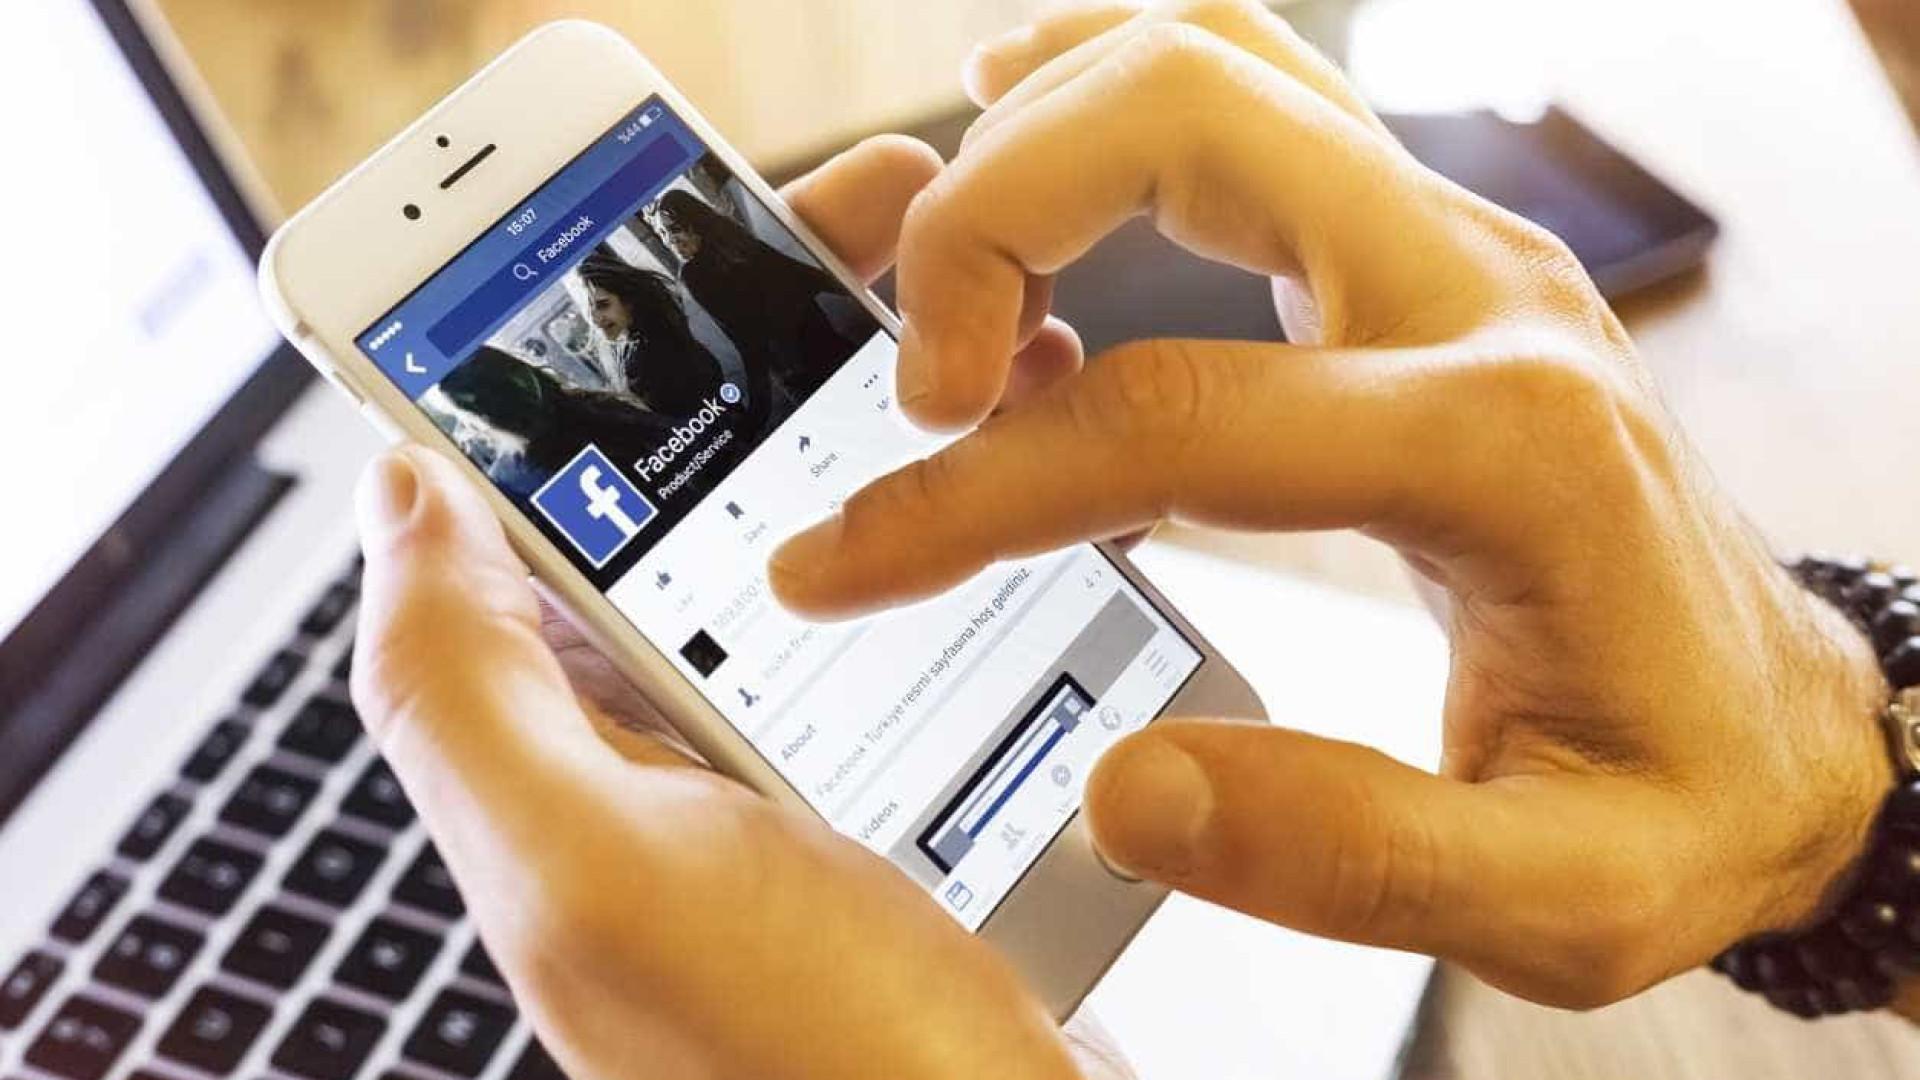 O Facebook vai começar a testar subscrições de notícias